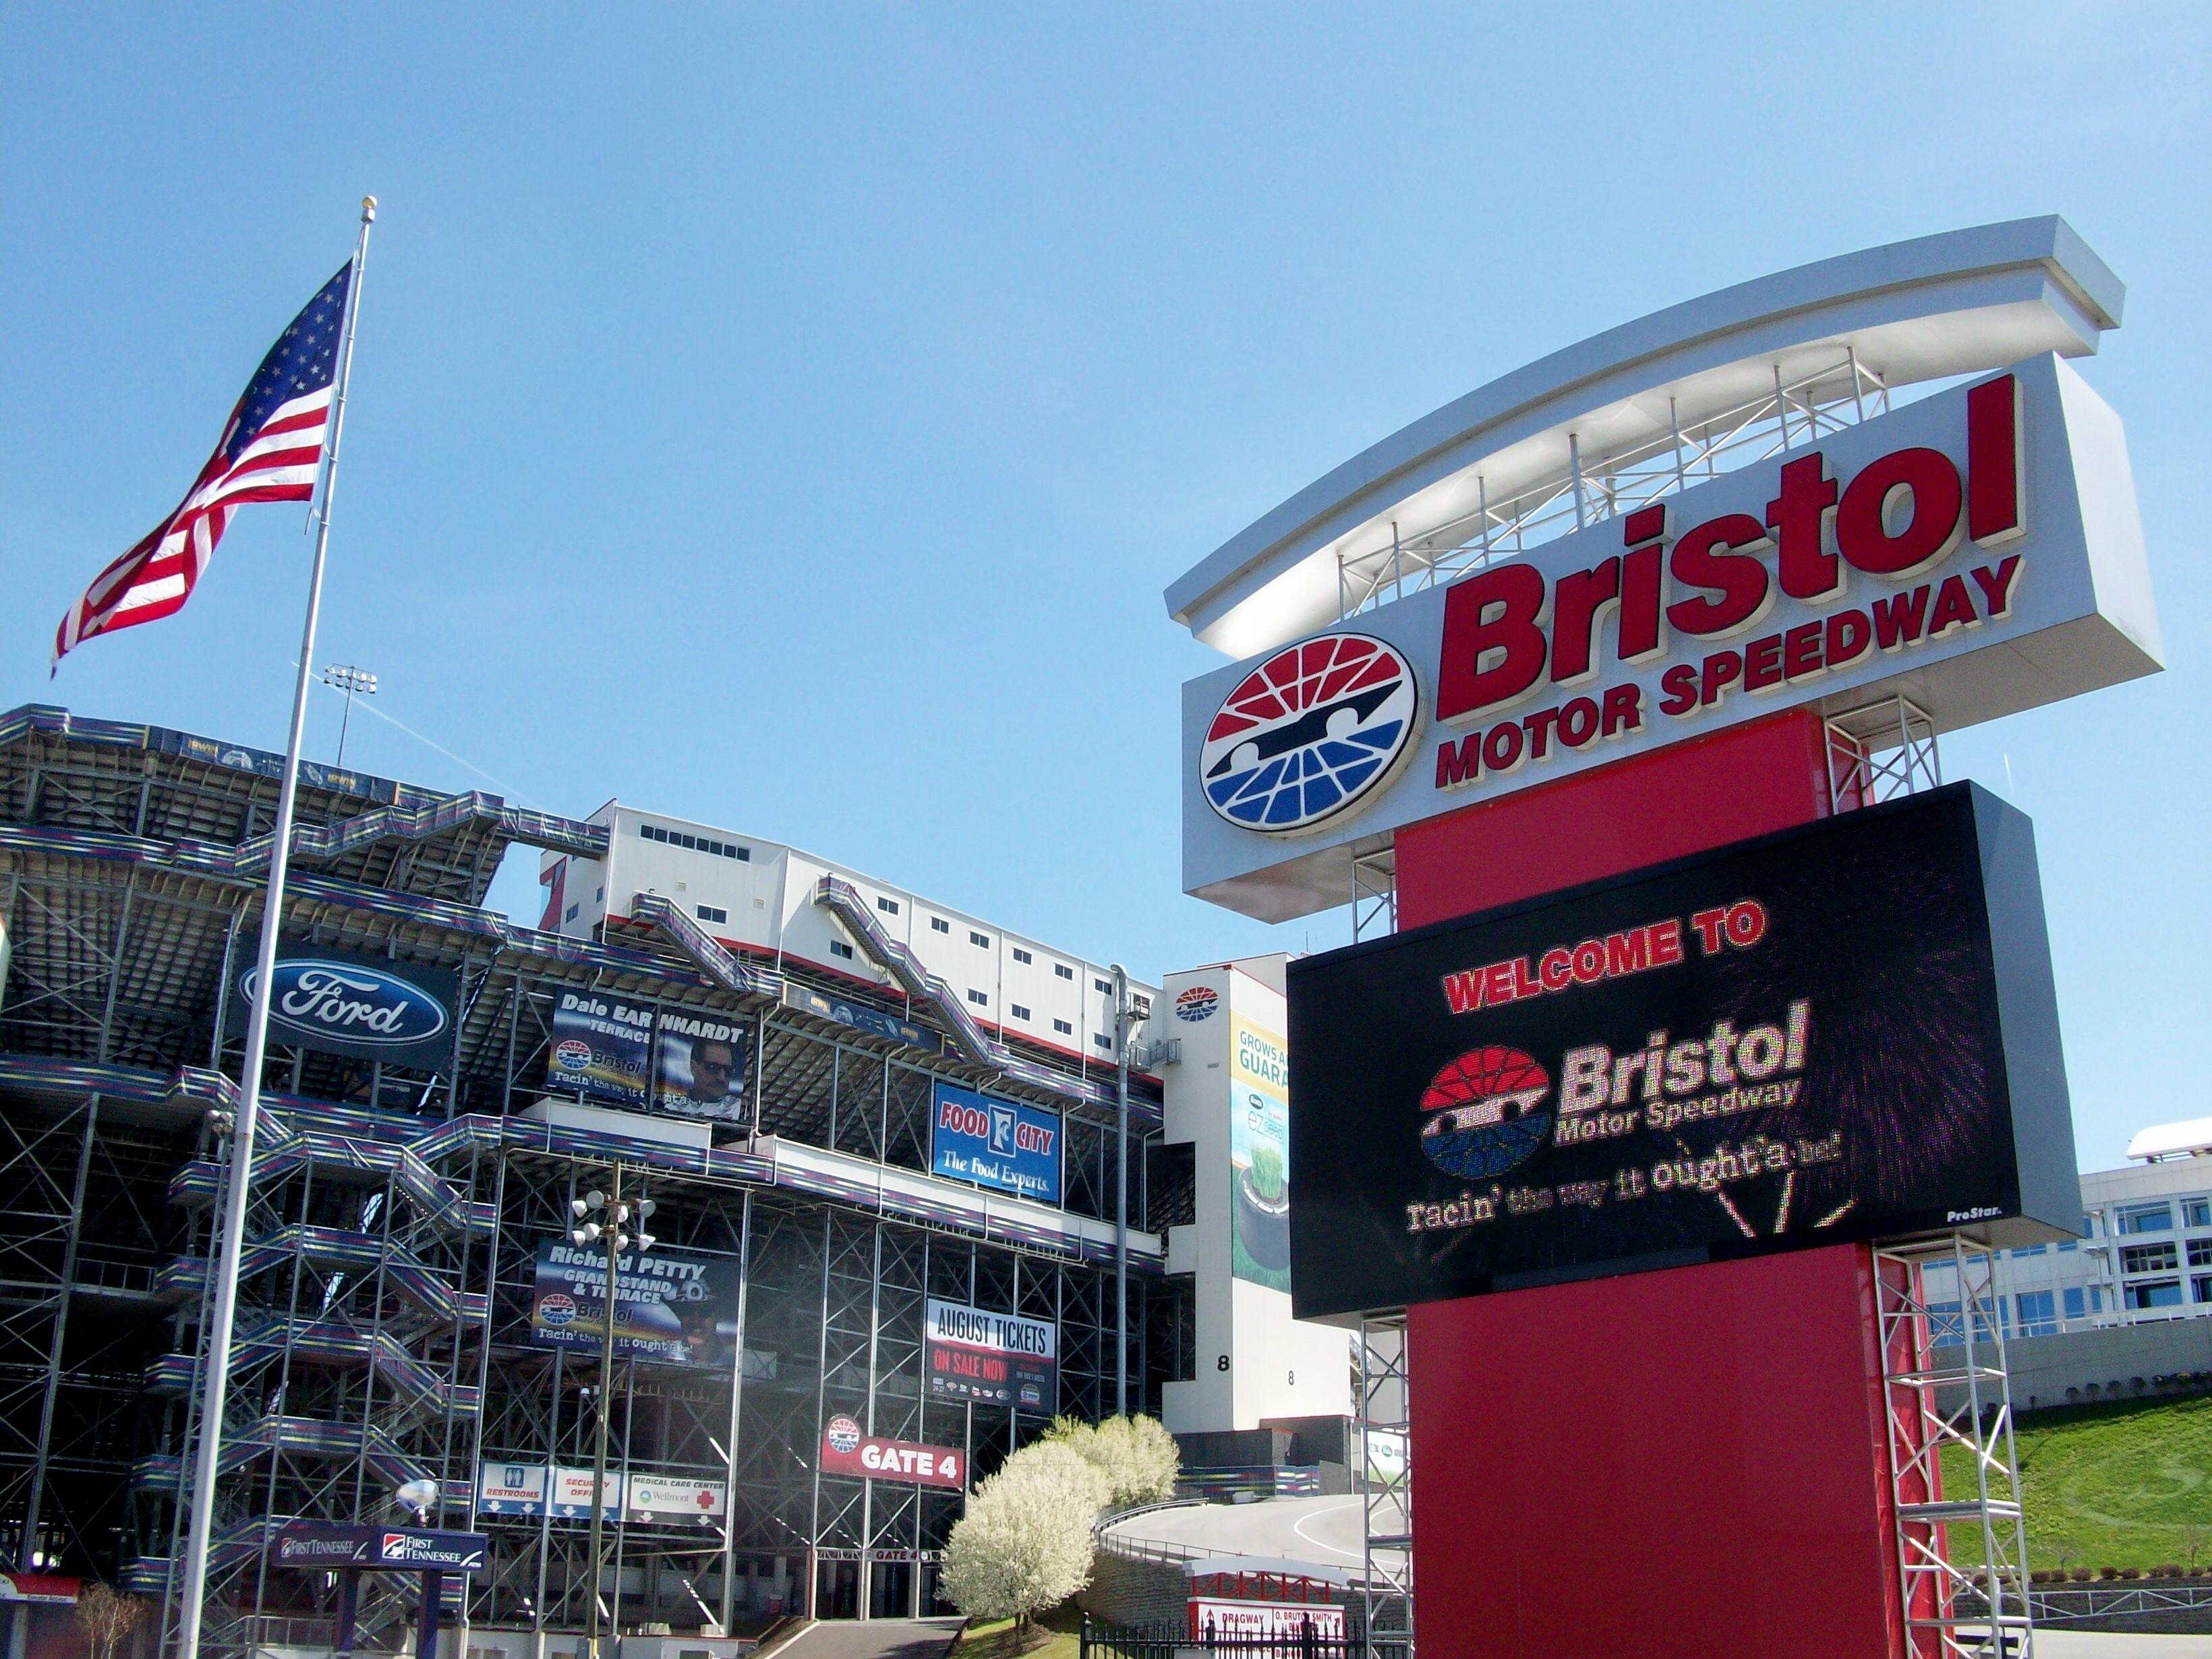 Bristol Motor Speedway!